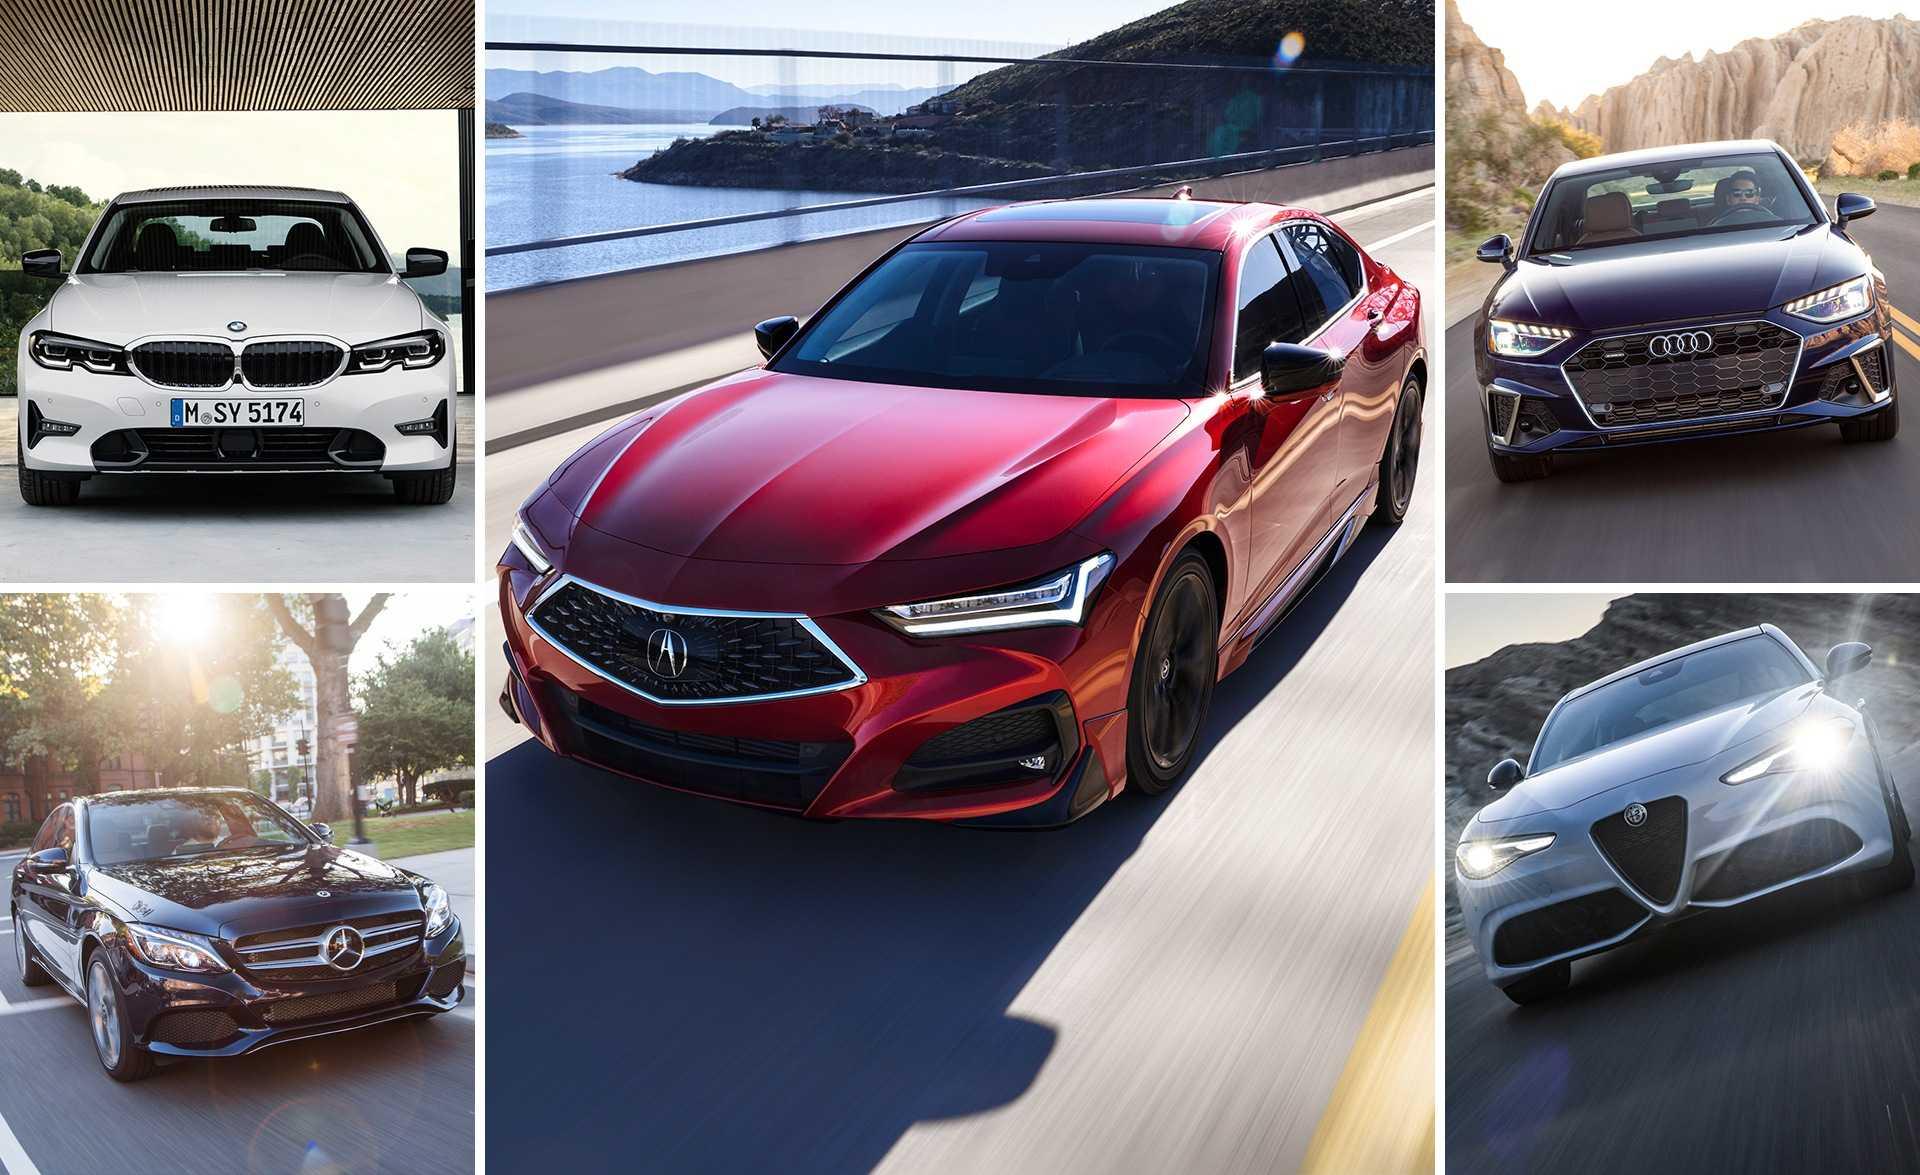 Acura tlx 2021 года будет стоить 38,525 xnumx долларов и появится у дилеров этой осенью